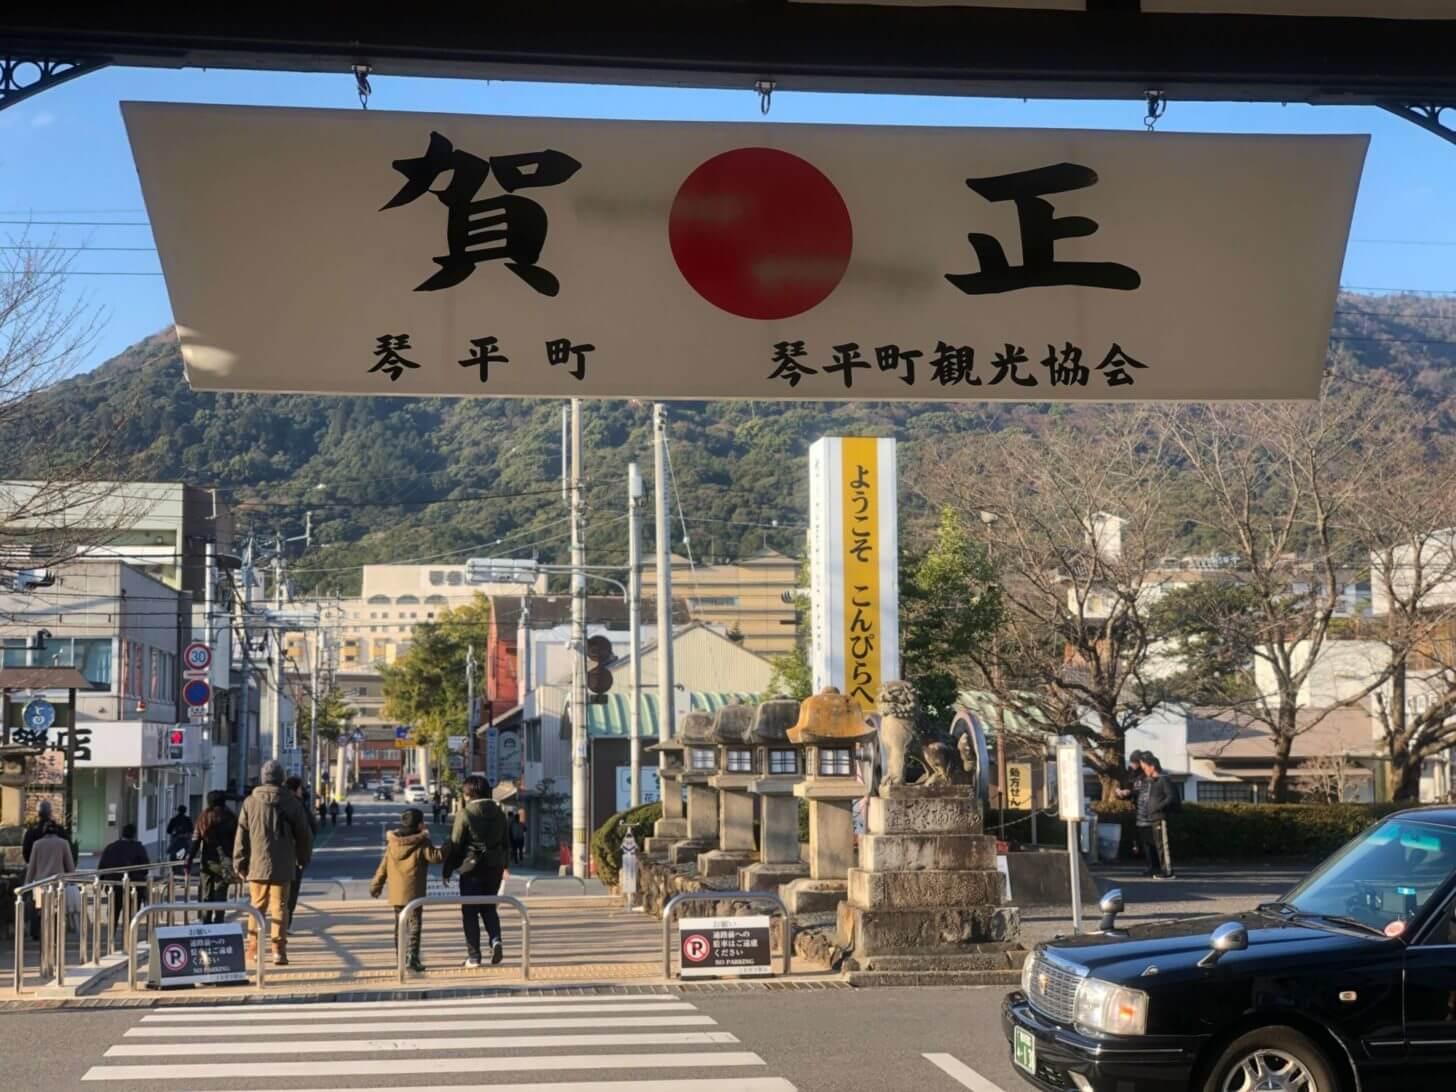 JR琴平駅からこんぴらさん方面を望む